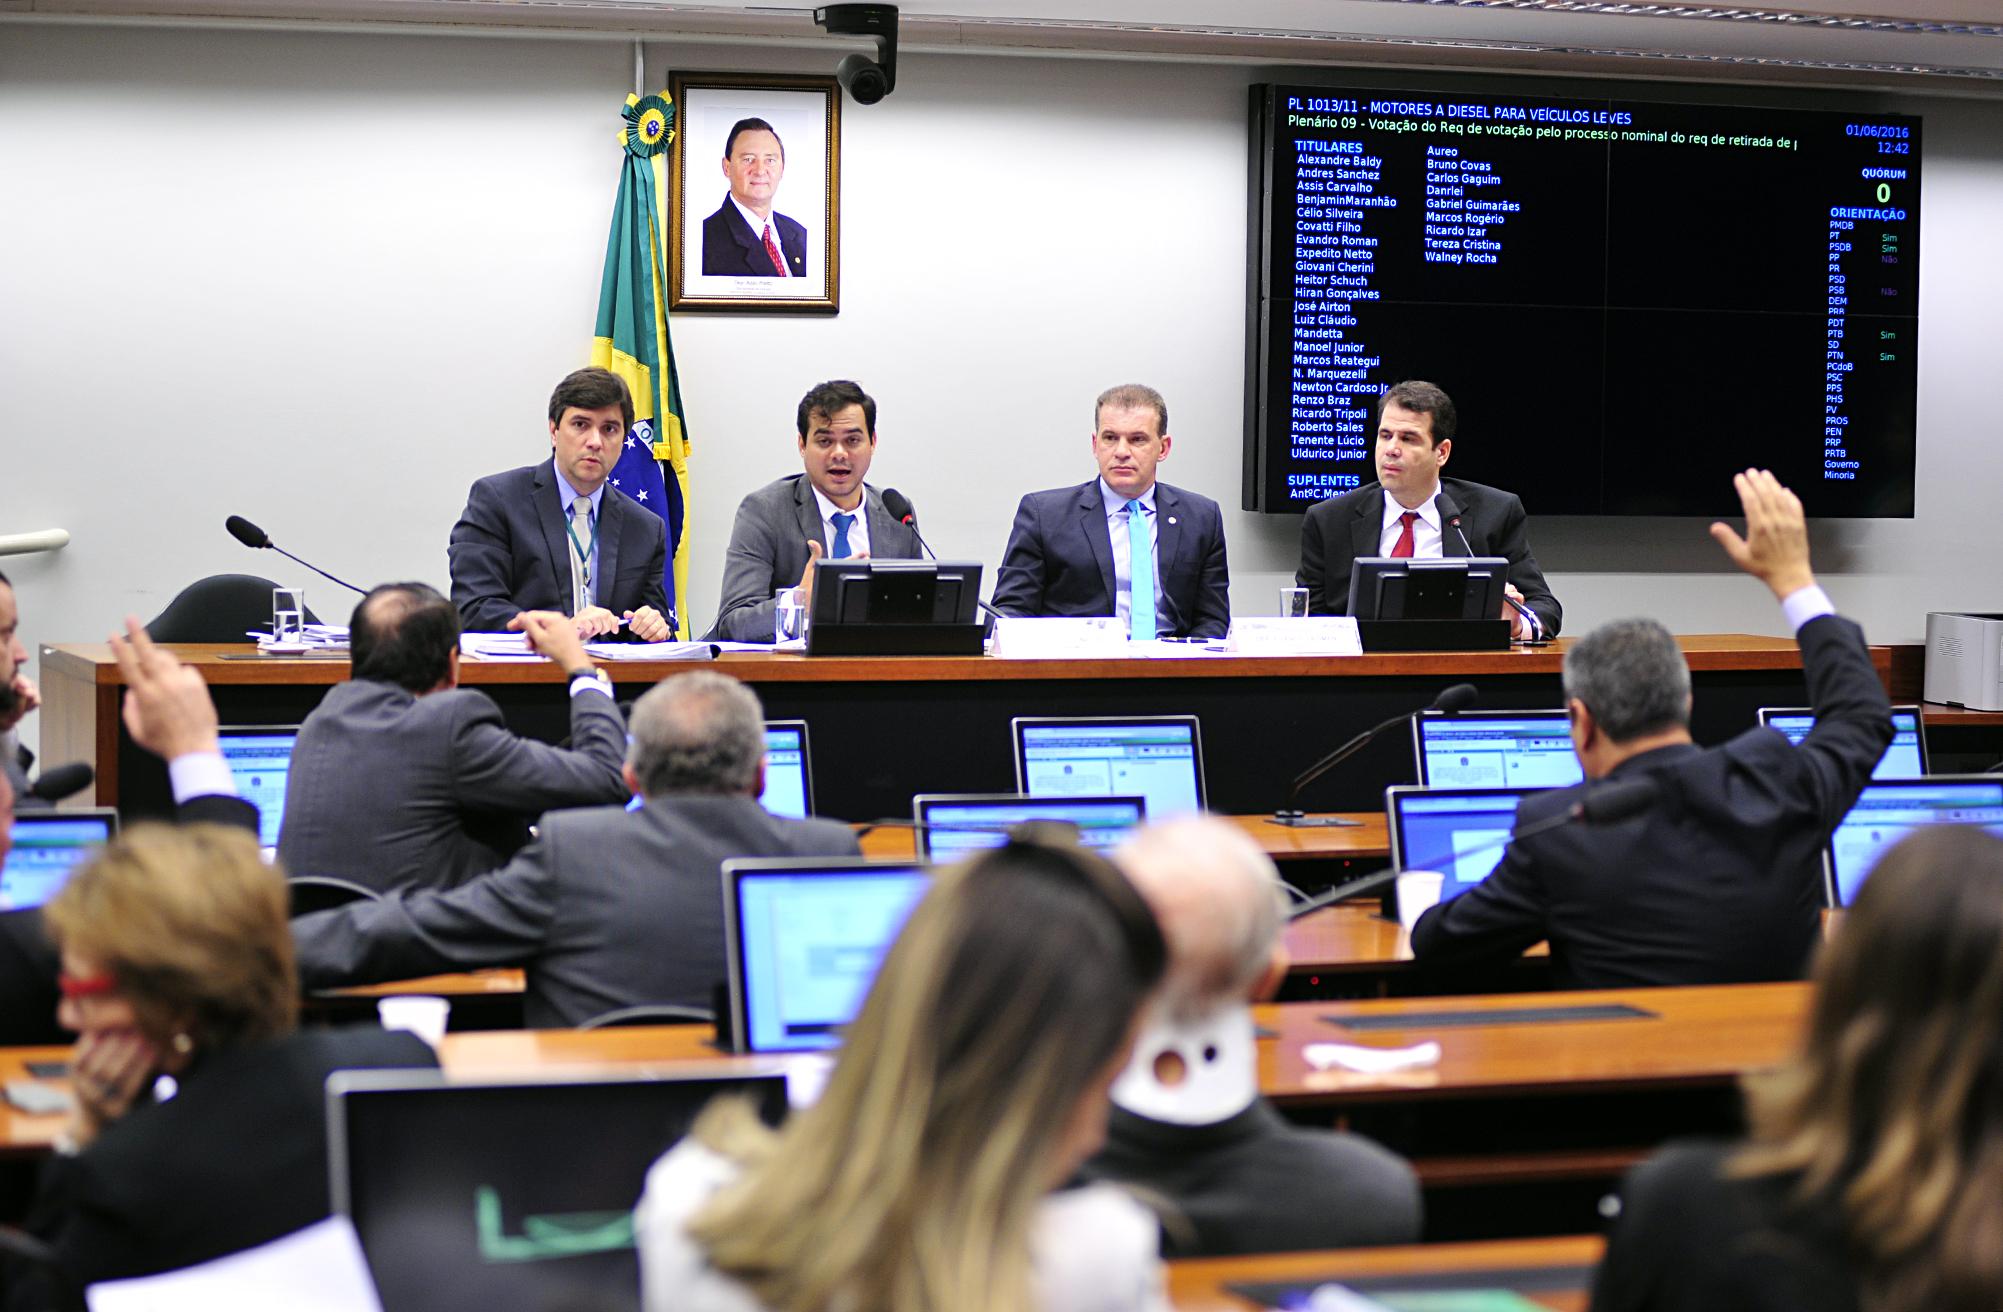 Reunião ordinária para discussão e votação do parecer do relator, dep. Evandro Roman (PSD-PR)